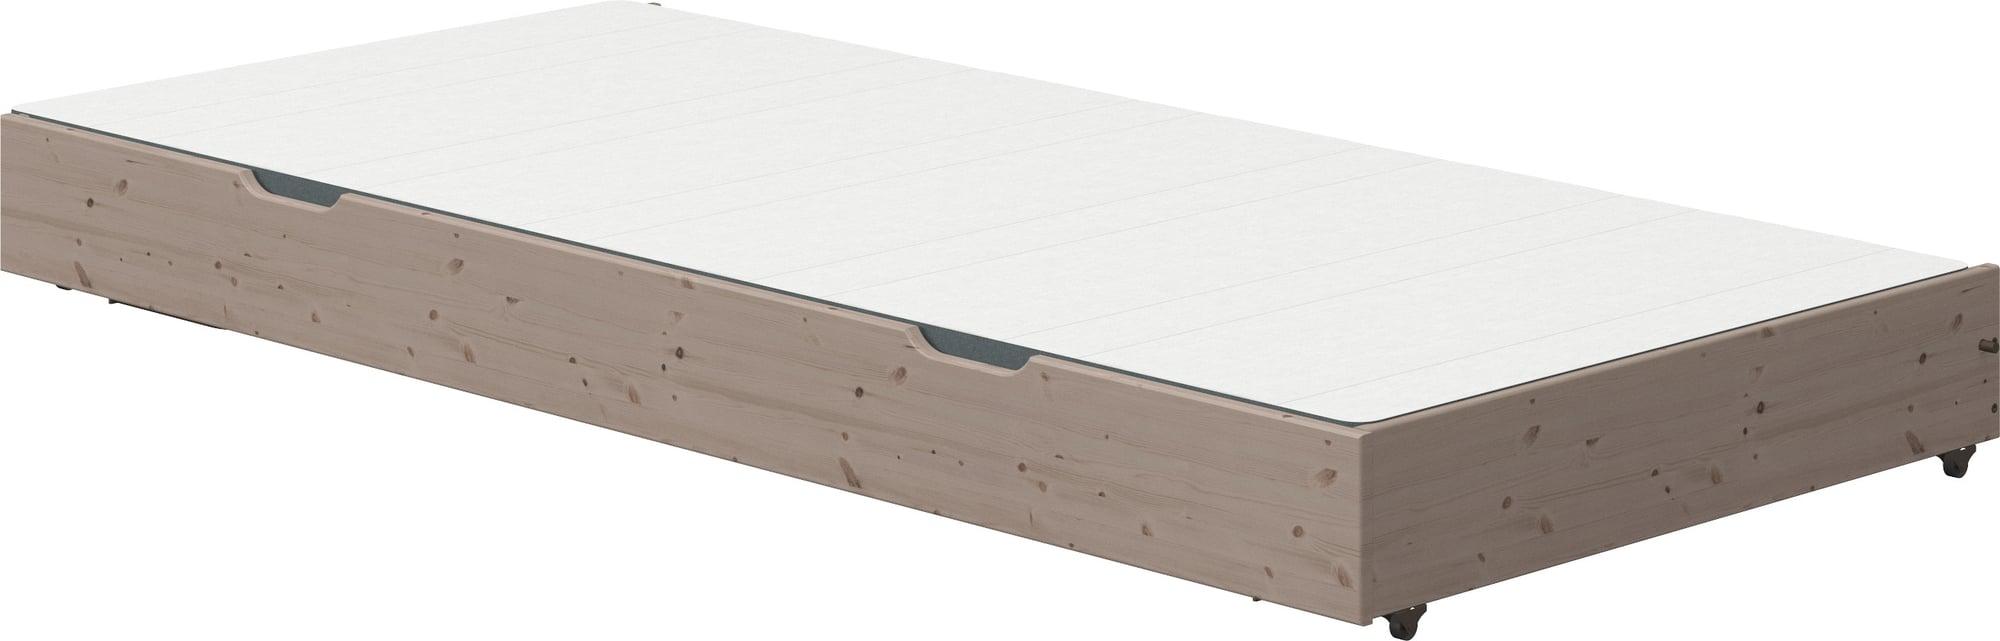 Full Size of Flexa Classic Gstebett 200cm Mit Ausklappbaren Beinen Interismo Ausklappbares Bett Wohnzimmer Klappbares Doppelbett